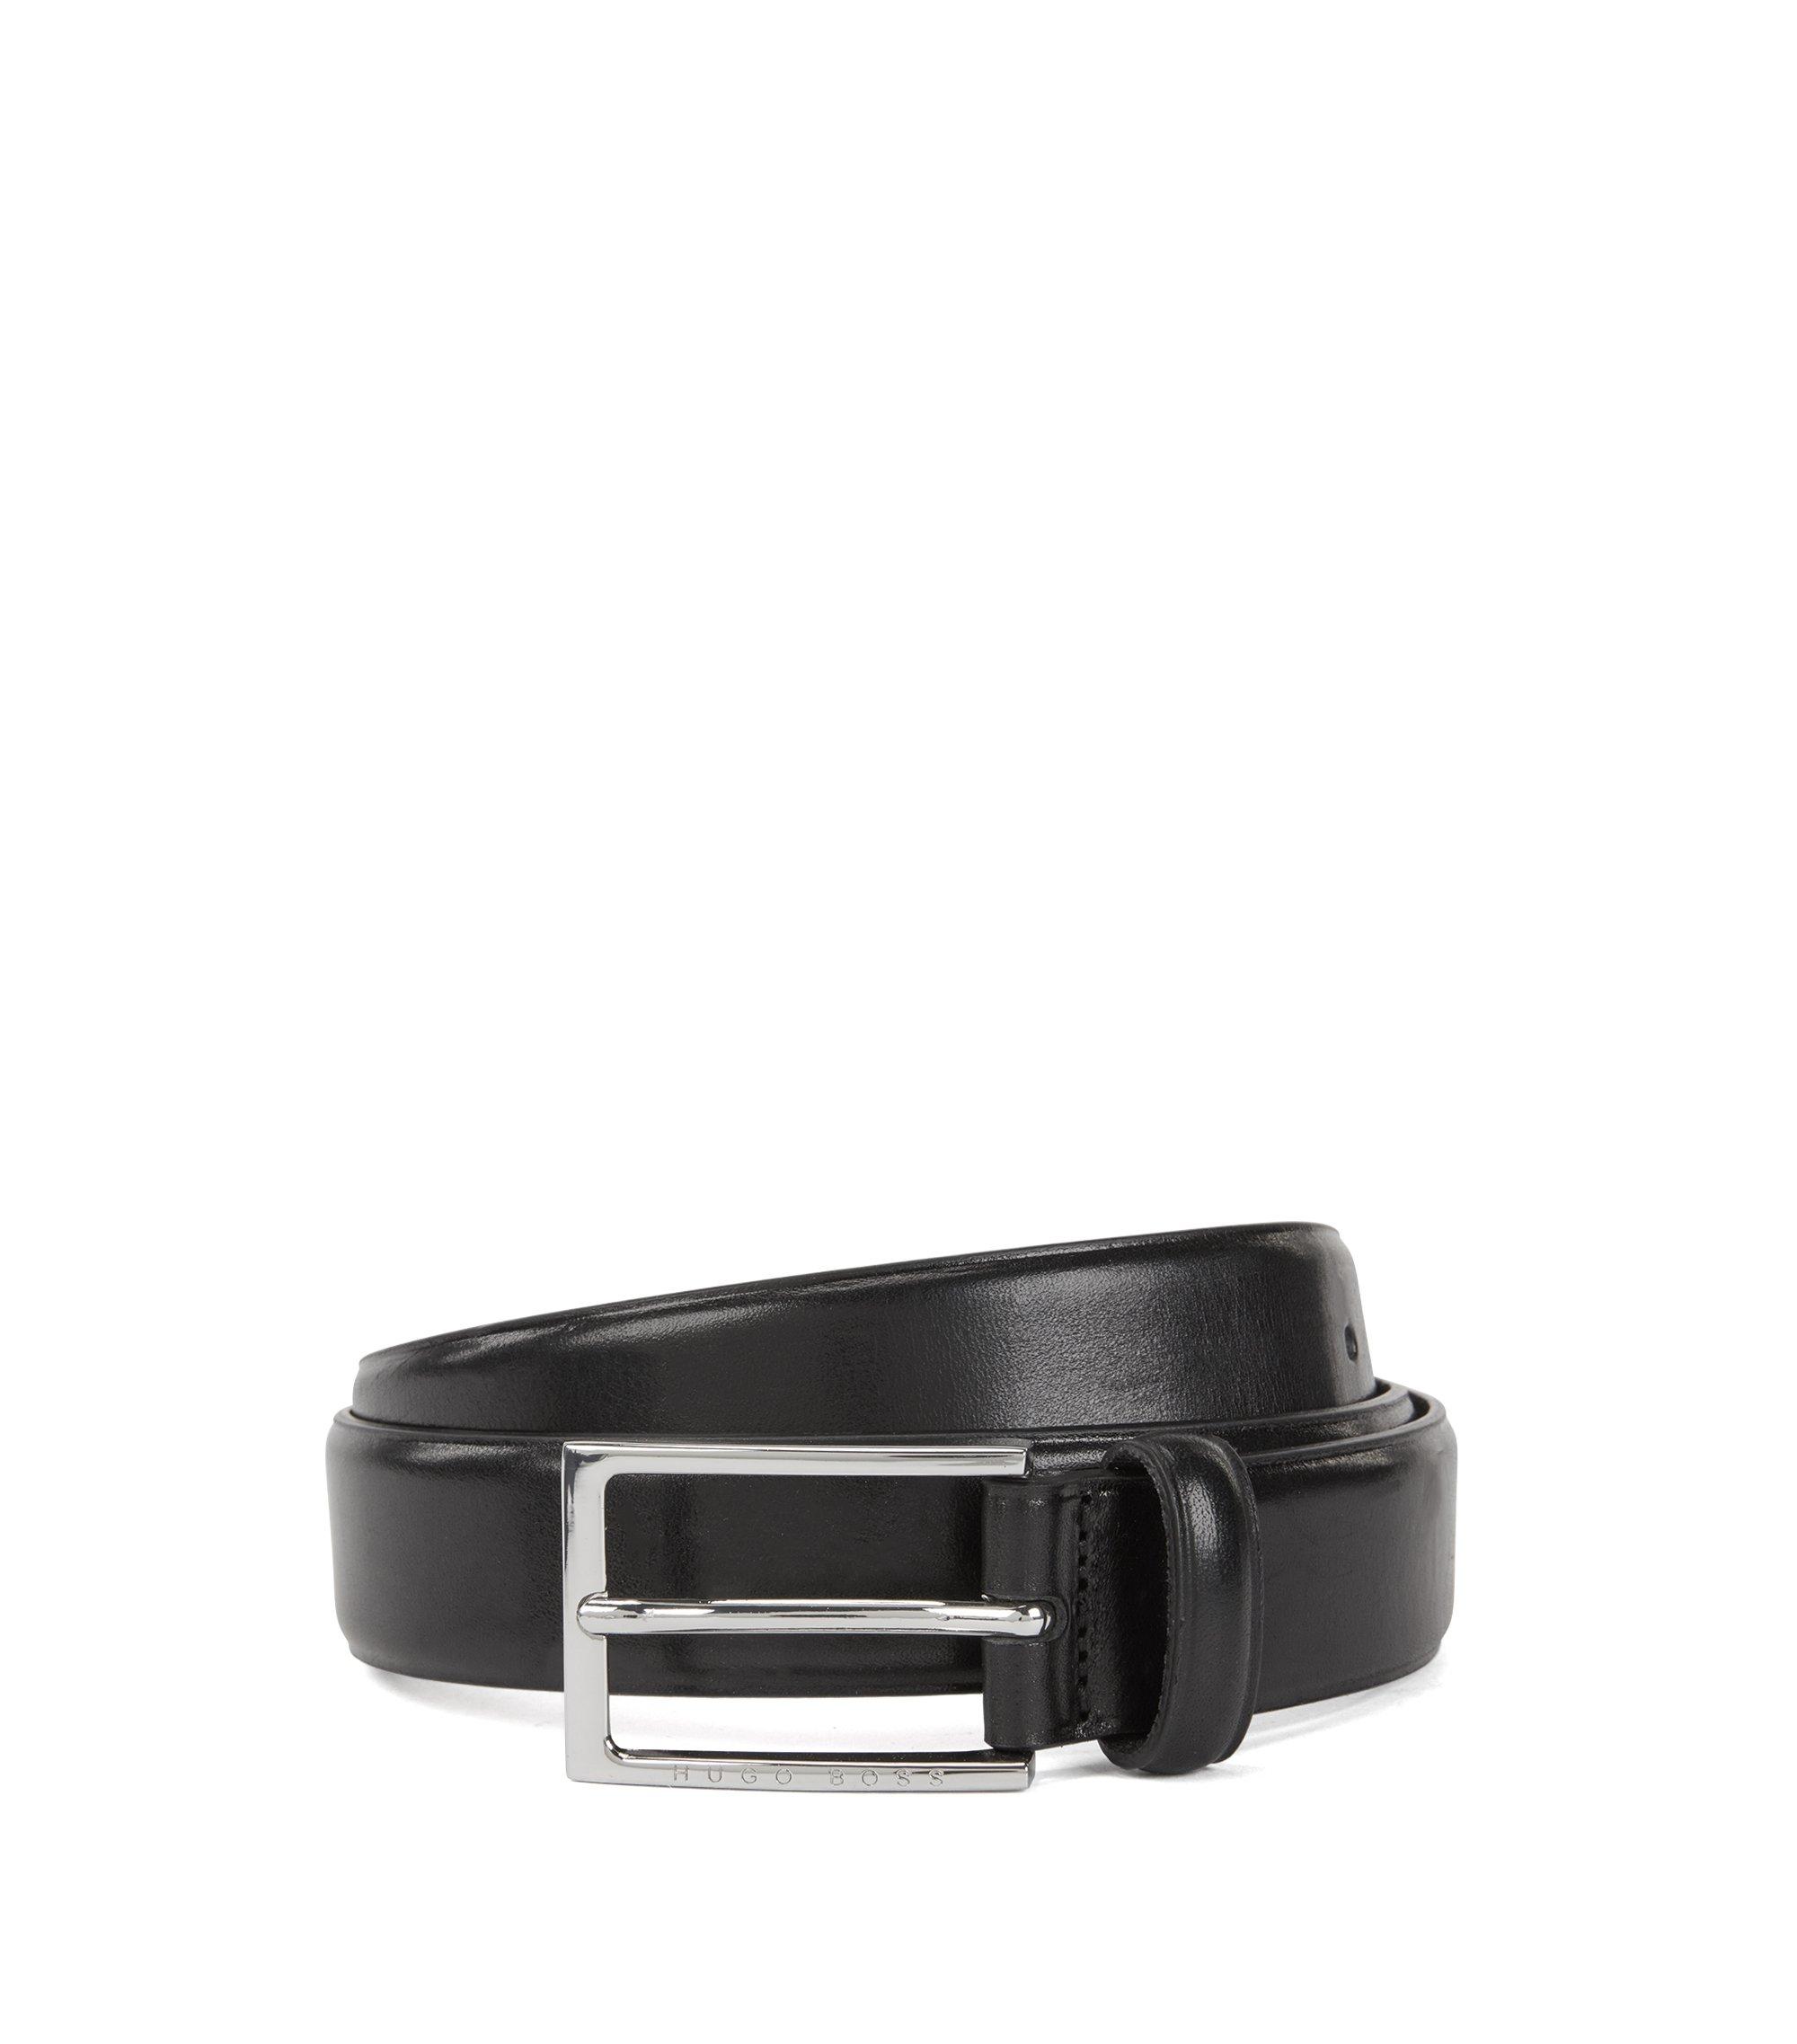 Pflanzlich gegerbter Ledergürtel mit Schließe in Silber-Optik, Schwarz